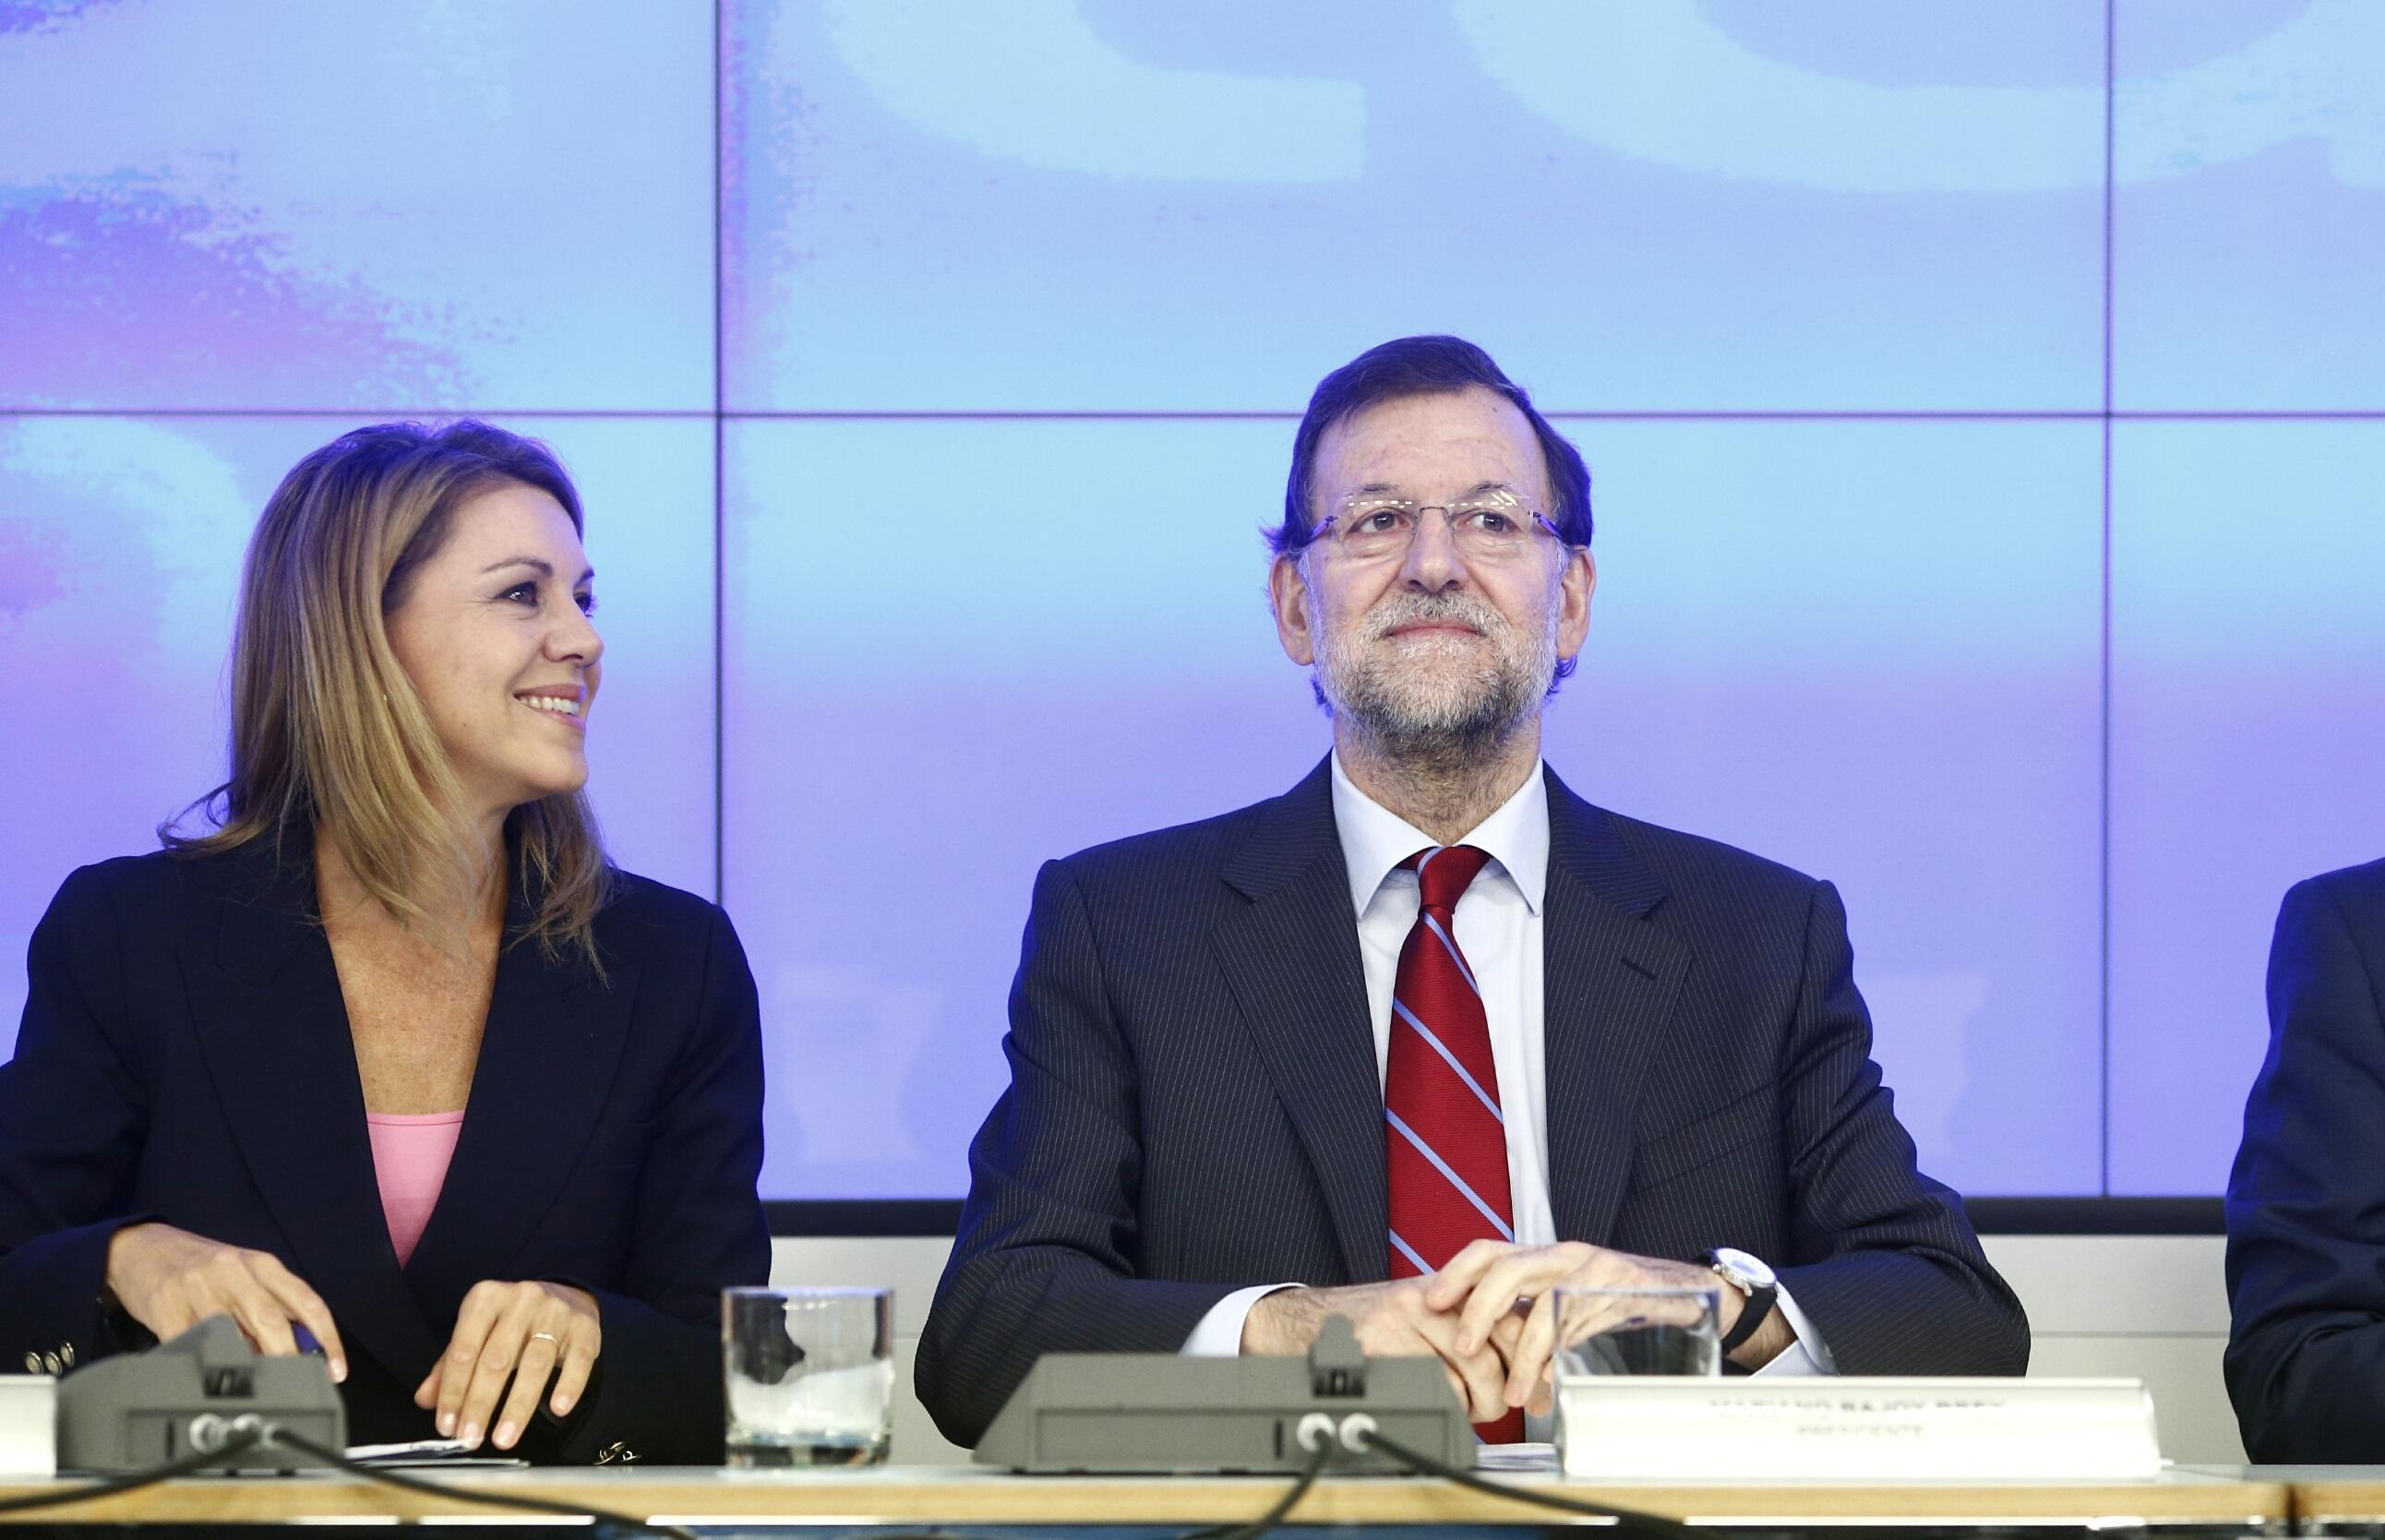 La diputada Susana Camarero ocupará la Secretaria de Formación del PP en sustitución de Aparicio, que se marcha a Indra